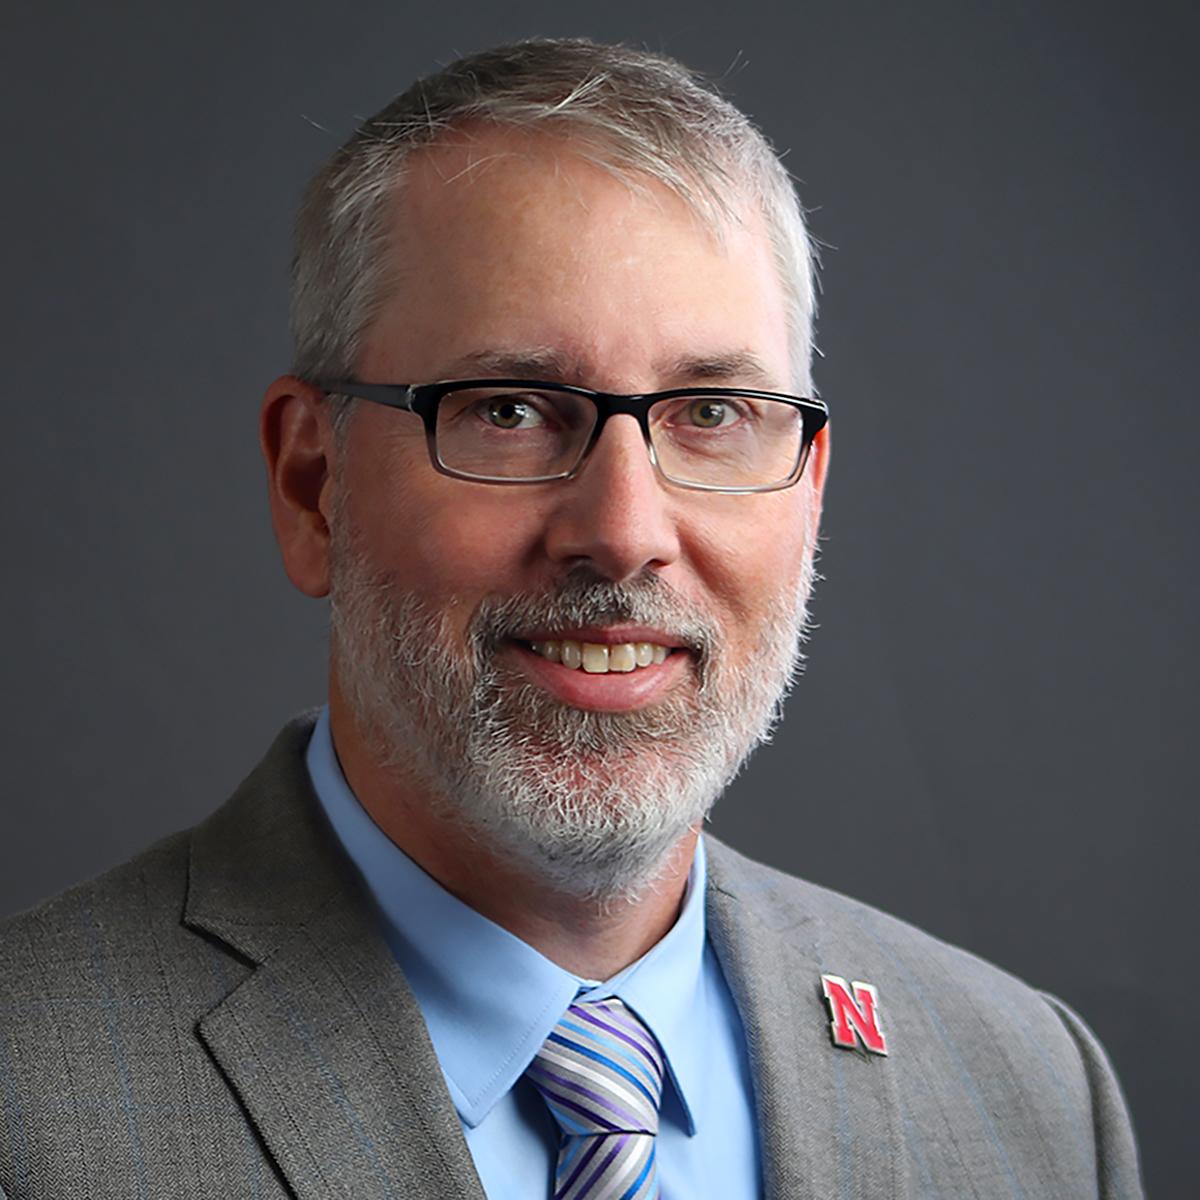 Profile picture of Galen Erickson